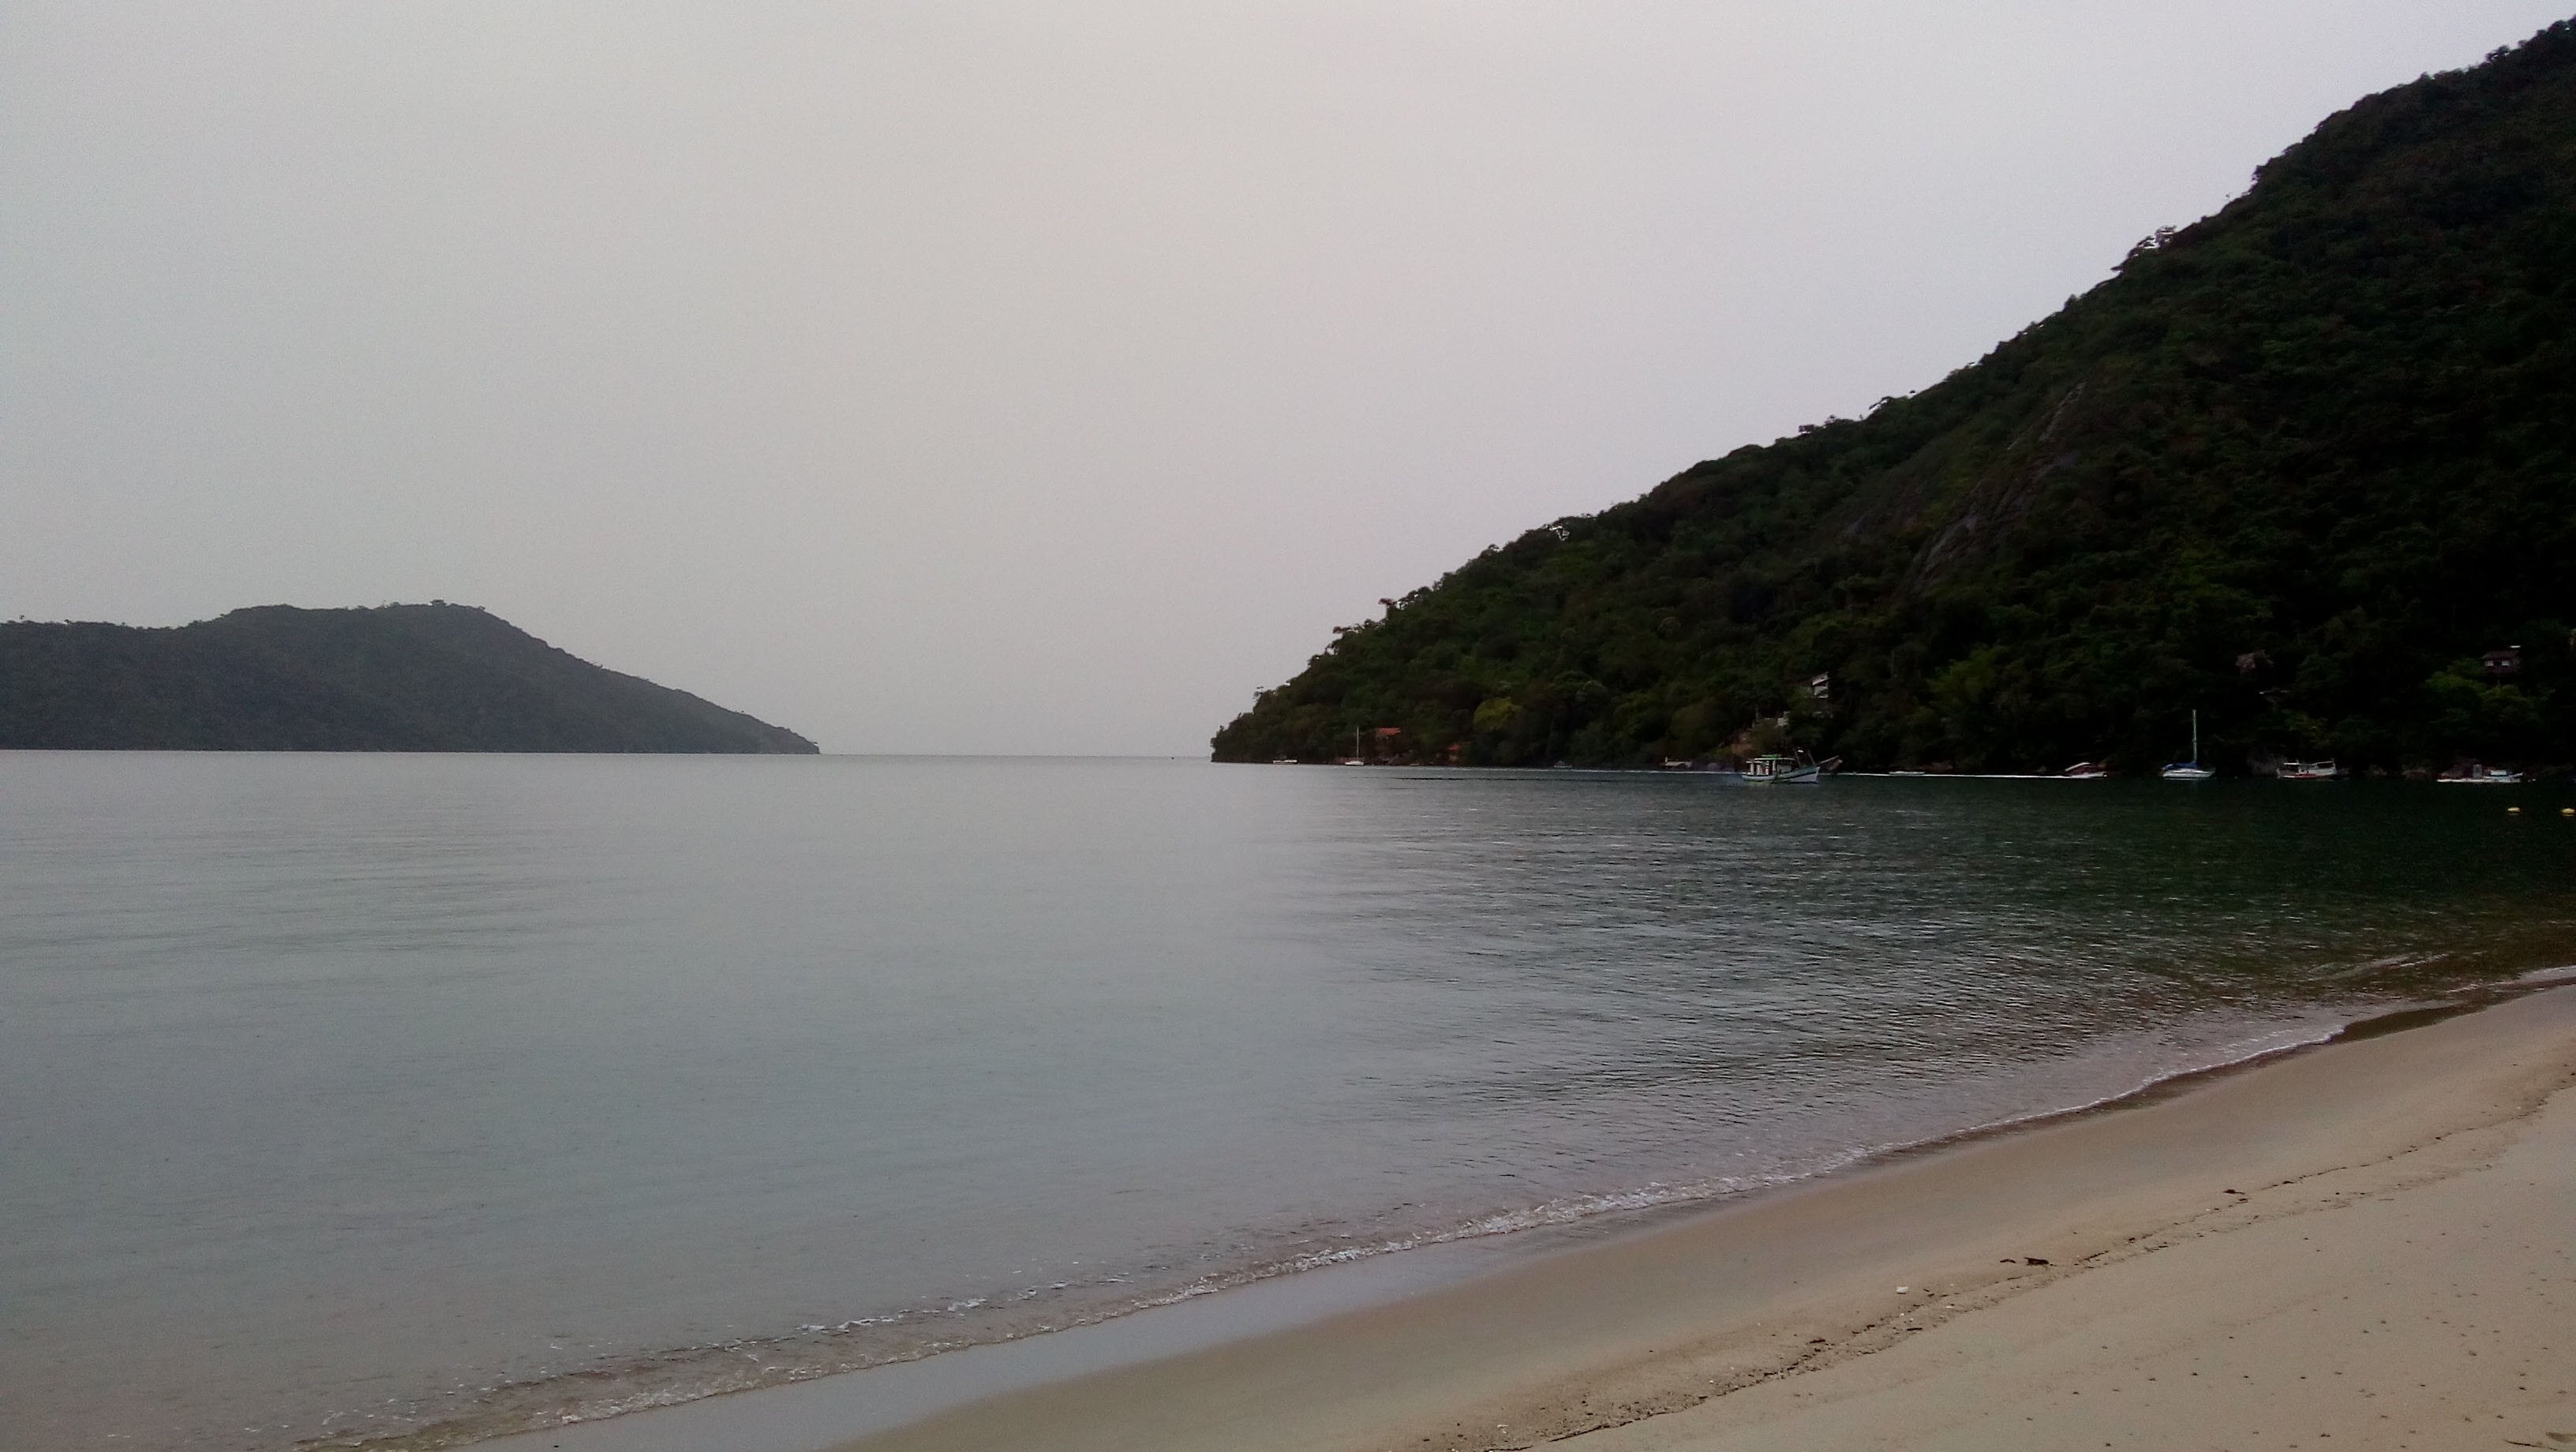 Plage de Paraty-Mirim